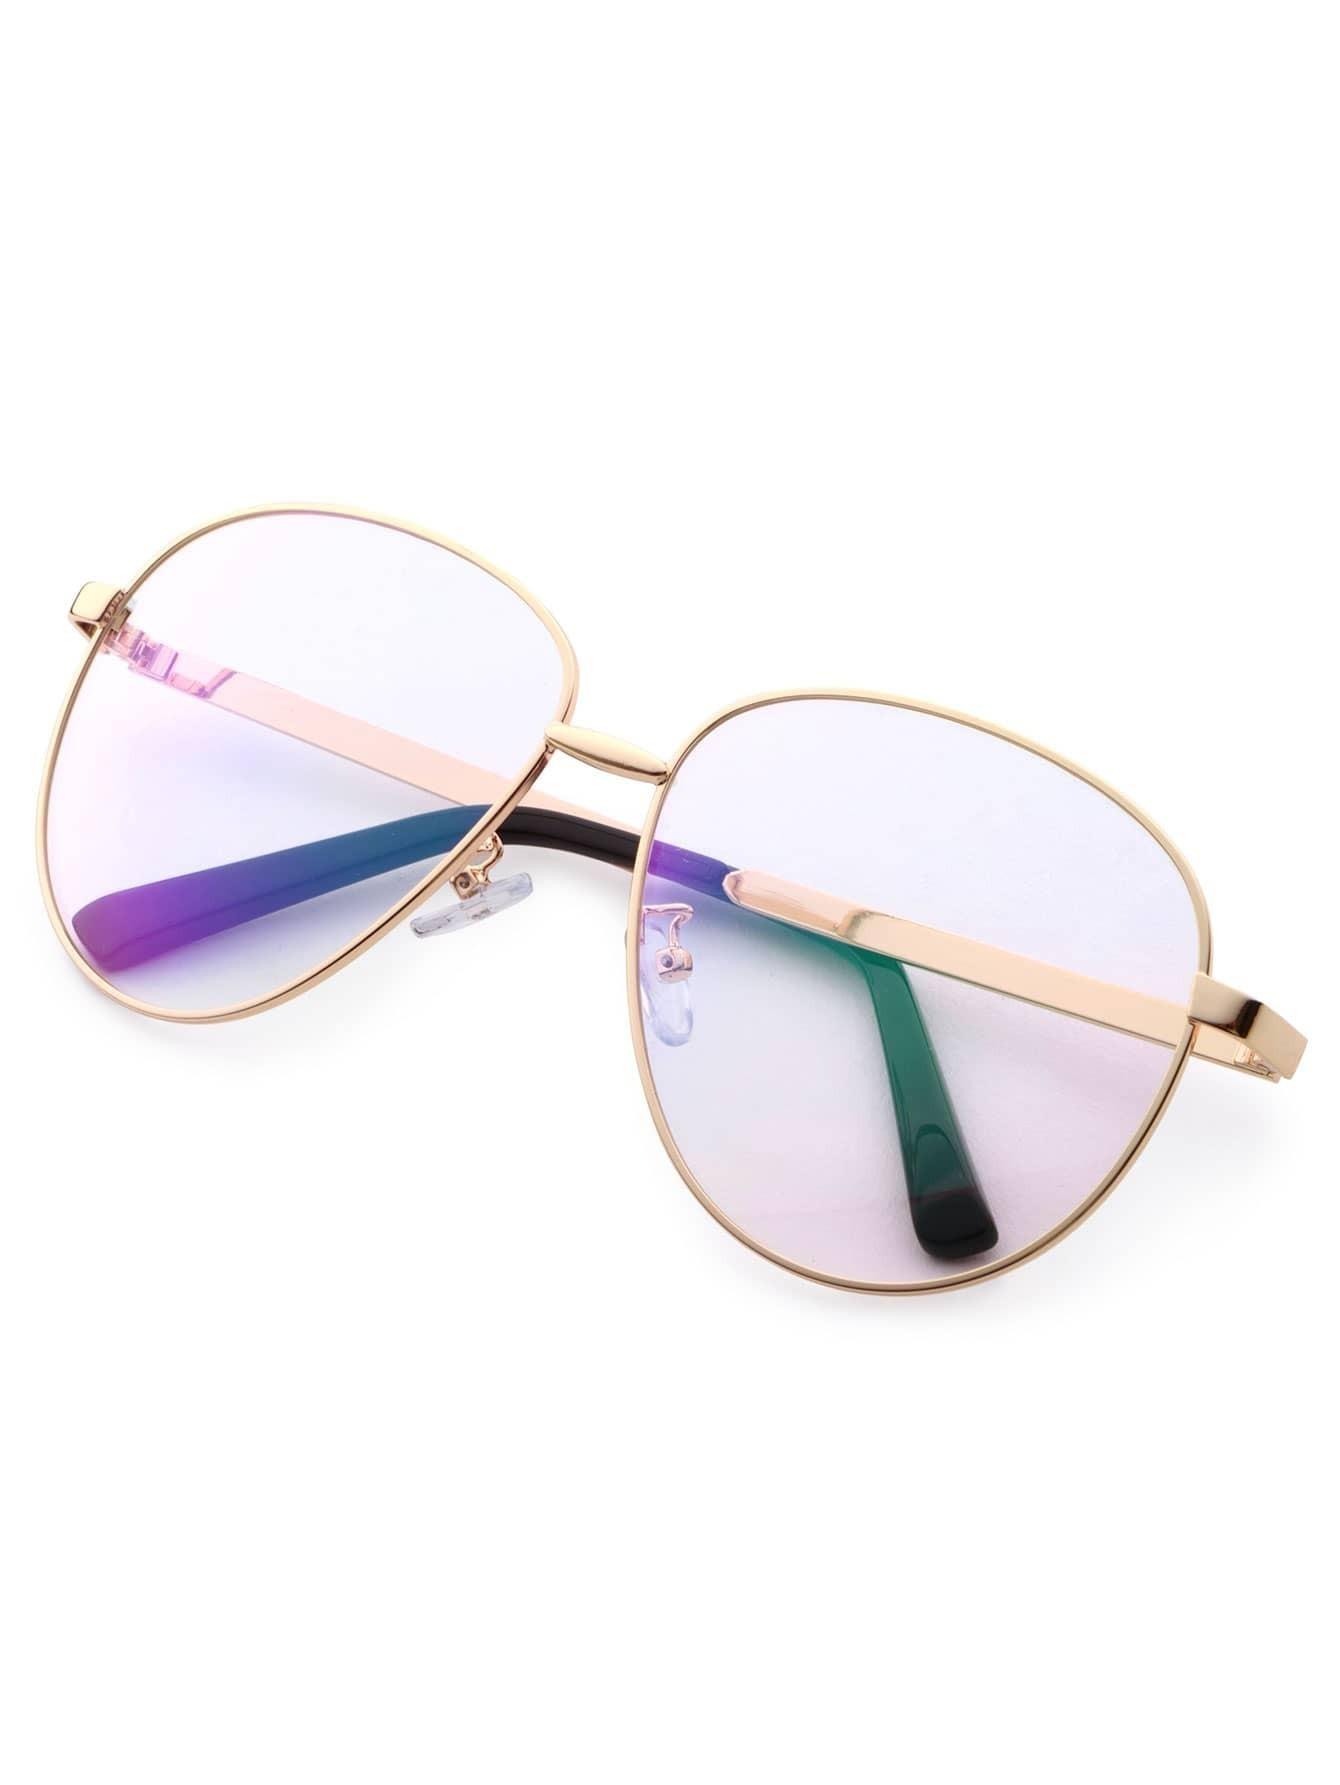 0070e5bbabbc Gold Frame Large Lens Vintage Glasses EmmaCloth-Women Fast Fashion Online